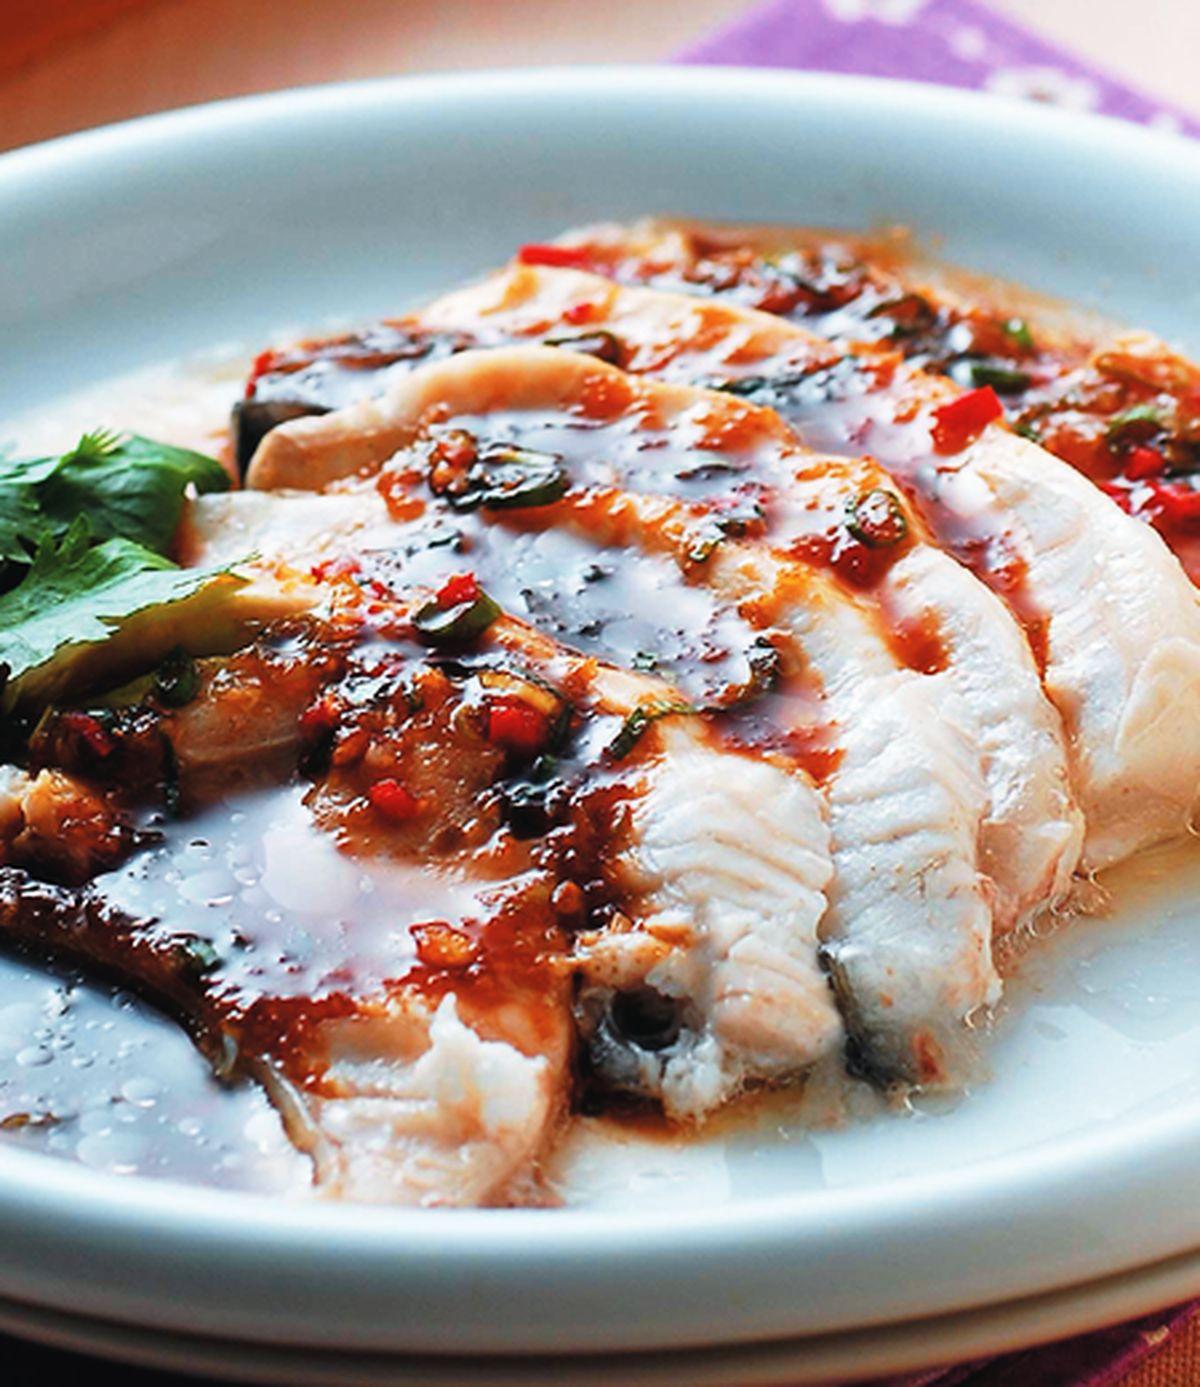 食譜:蒜泥魚片